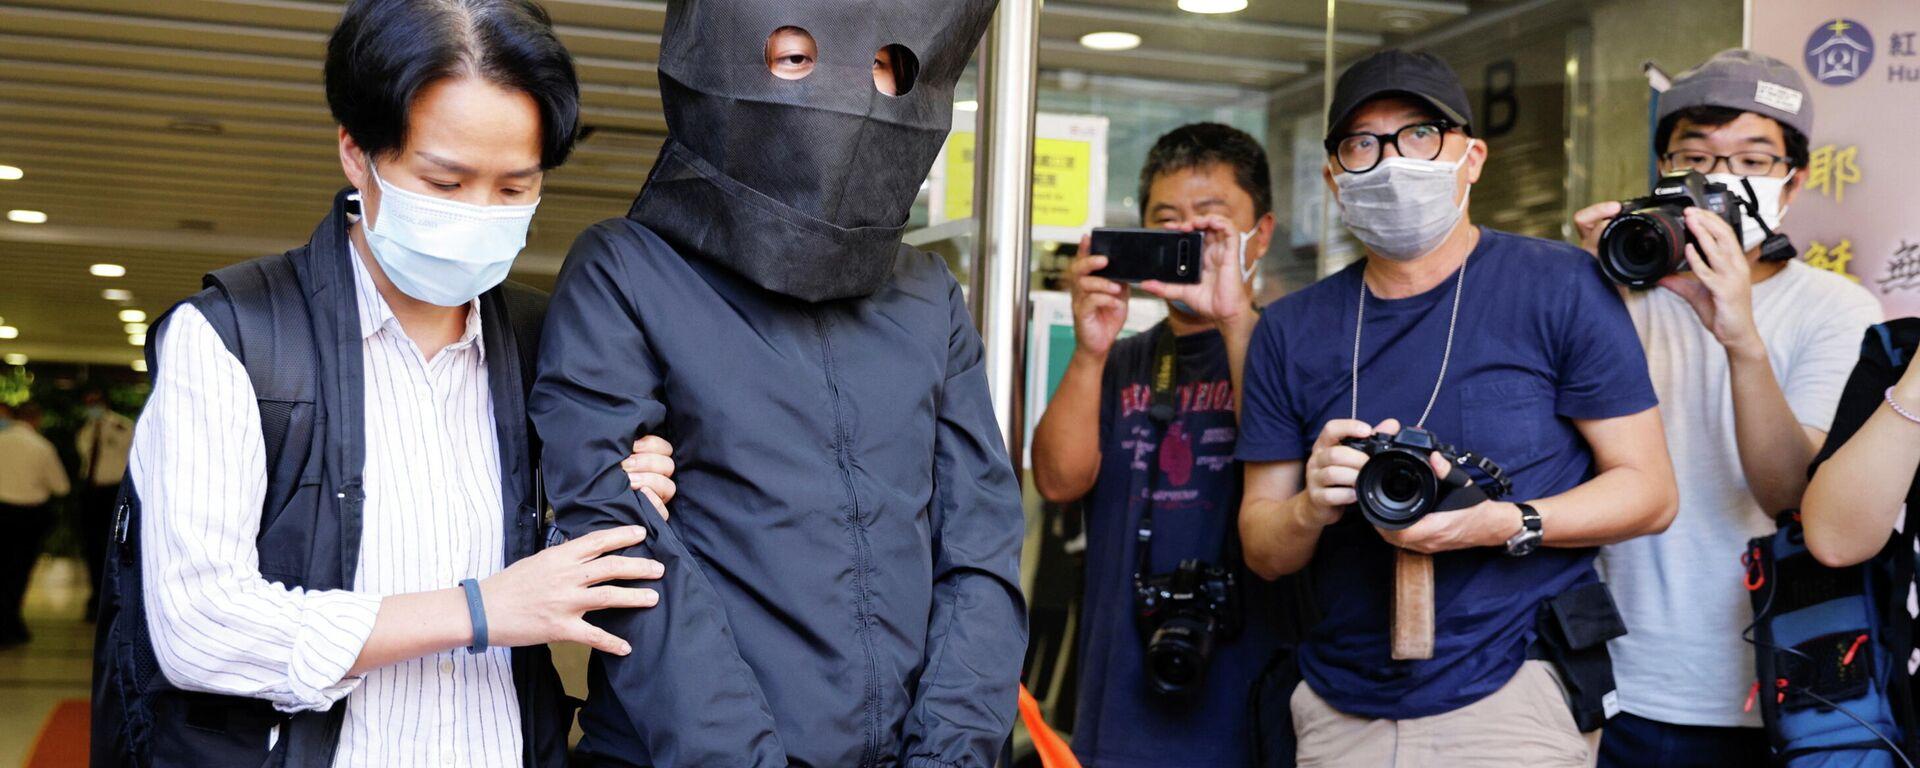 El arresto de uno de los cinco sospechosos de incitar el odio hacia el gobierno entre niños en Hong Kong - Sputnik Mundo, 1920, 22.07.2021